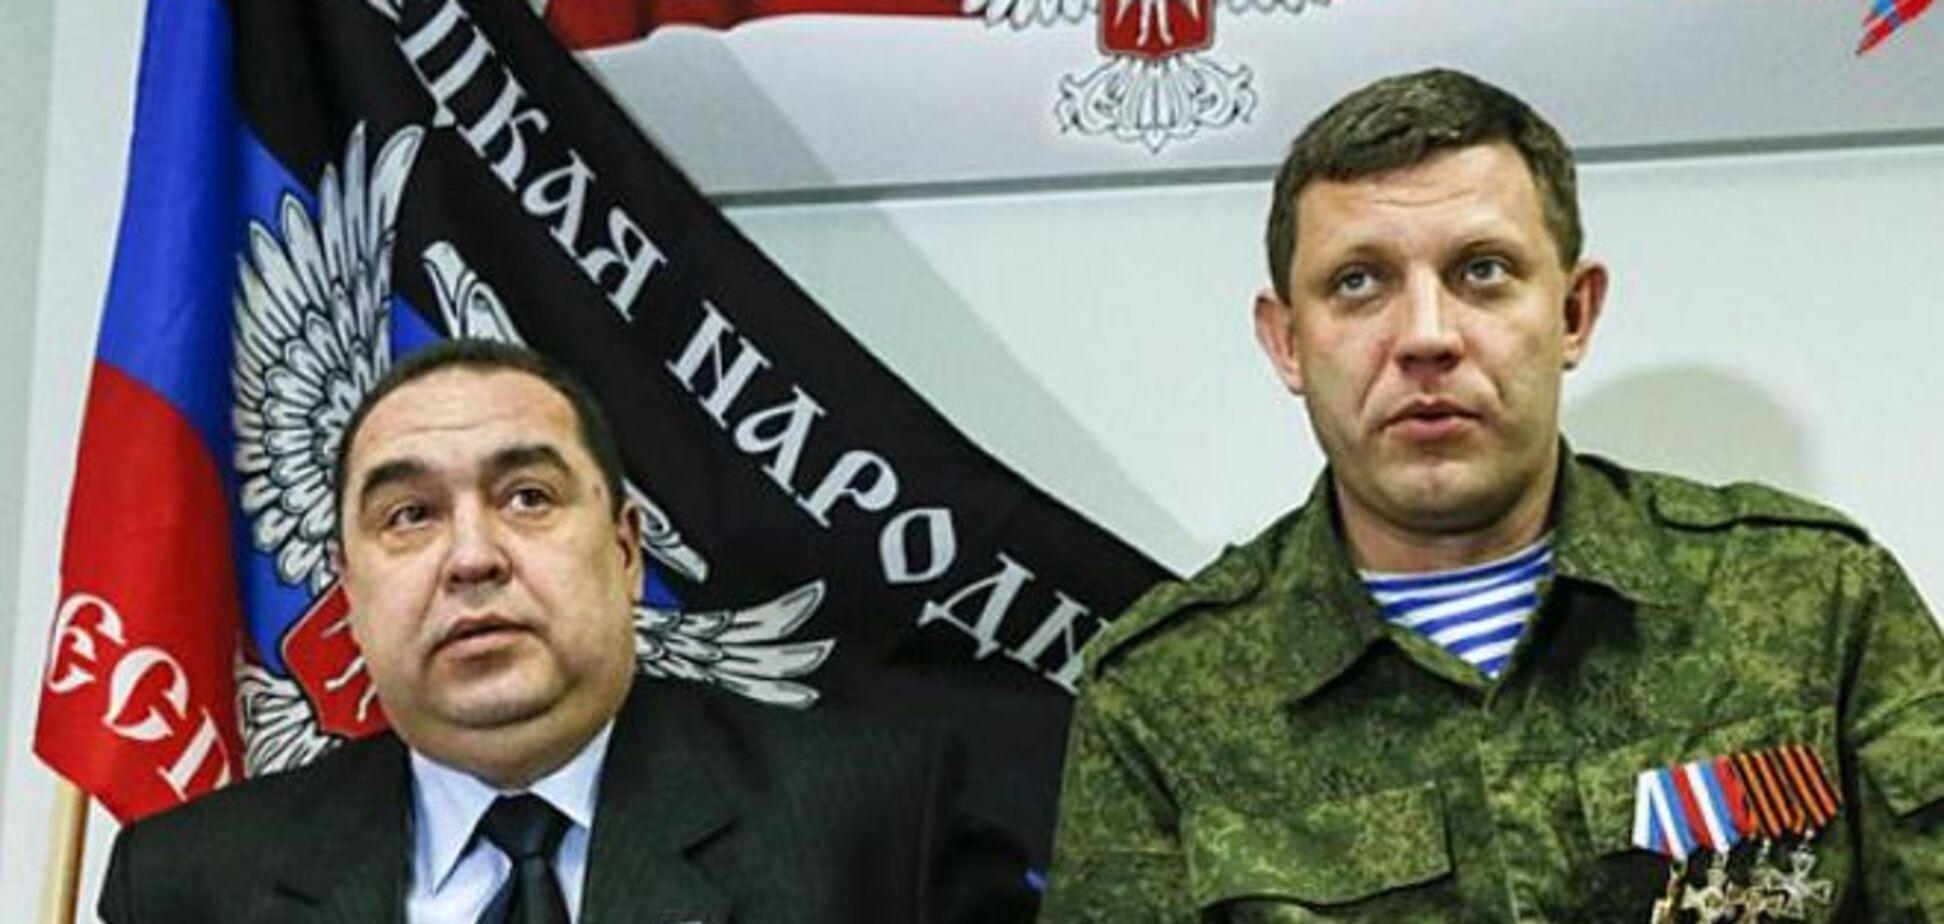 Кулеба объяснил, зачем Захарченко и Плотницкого зовут на  переговоры в Минск